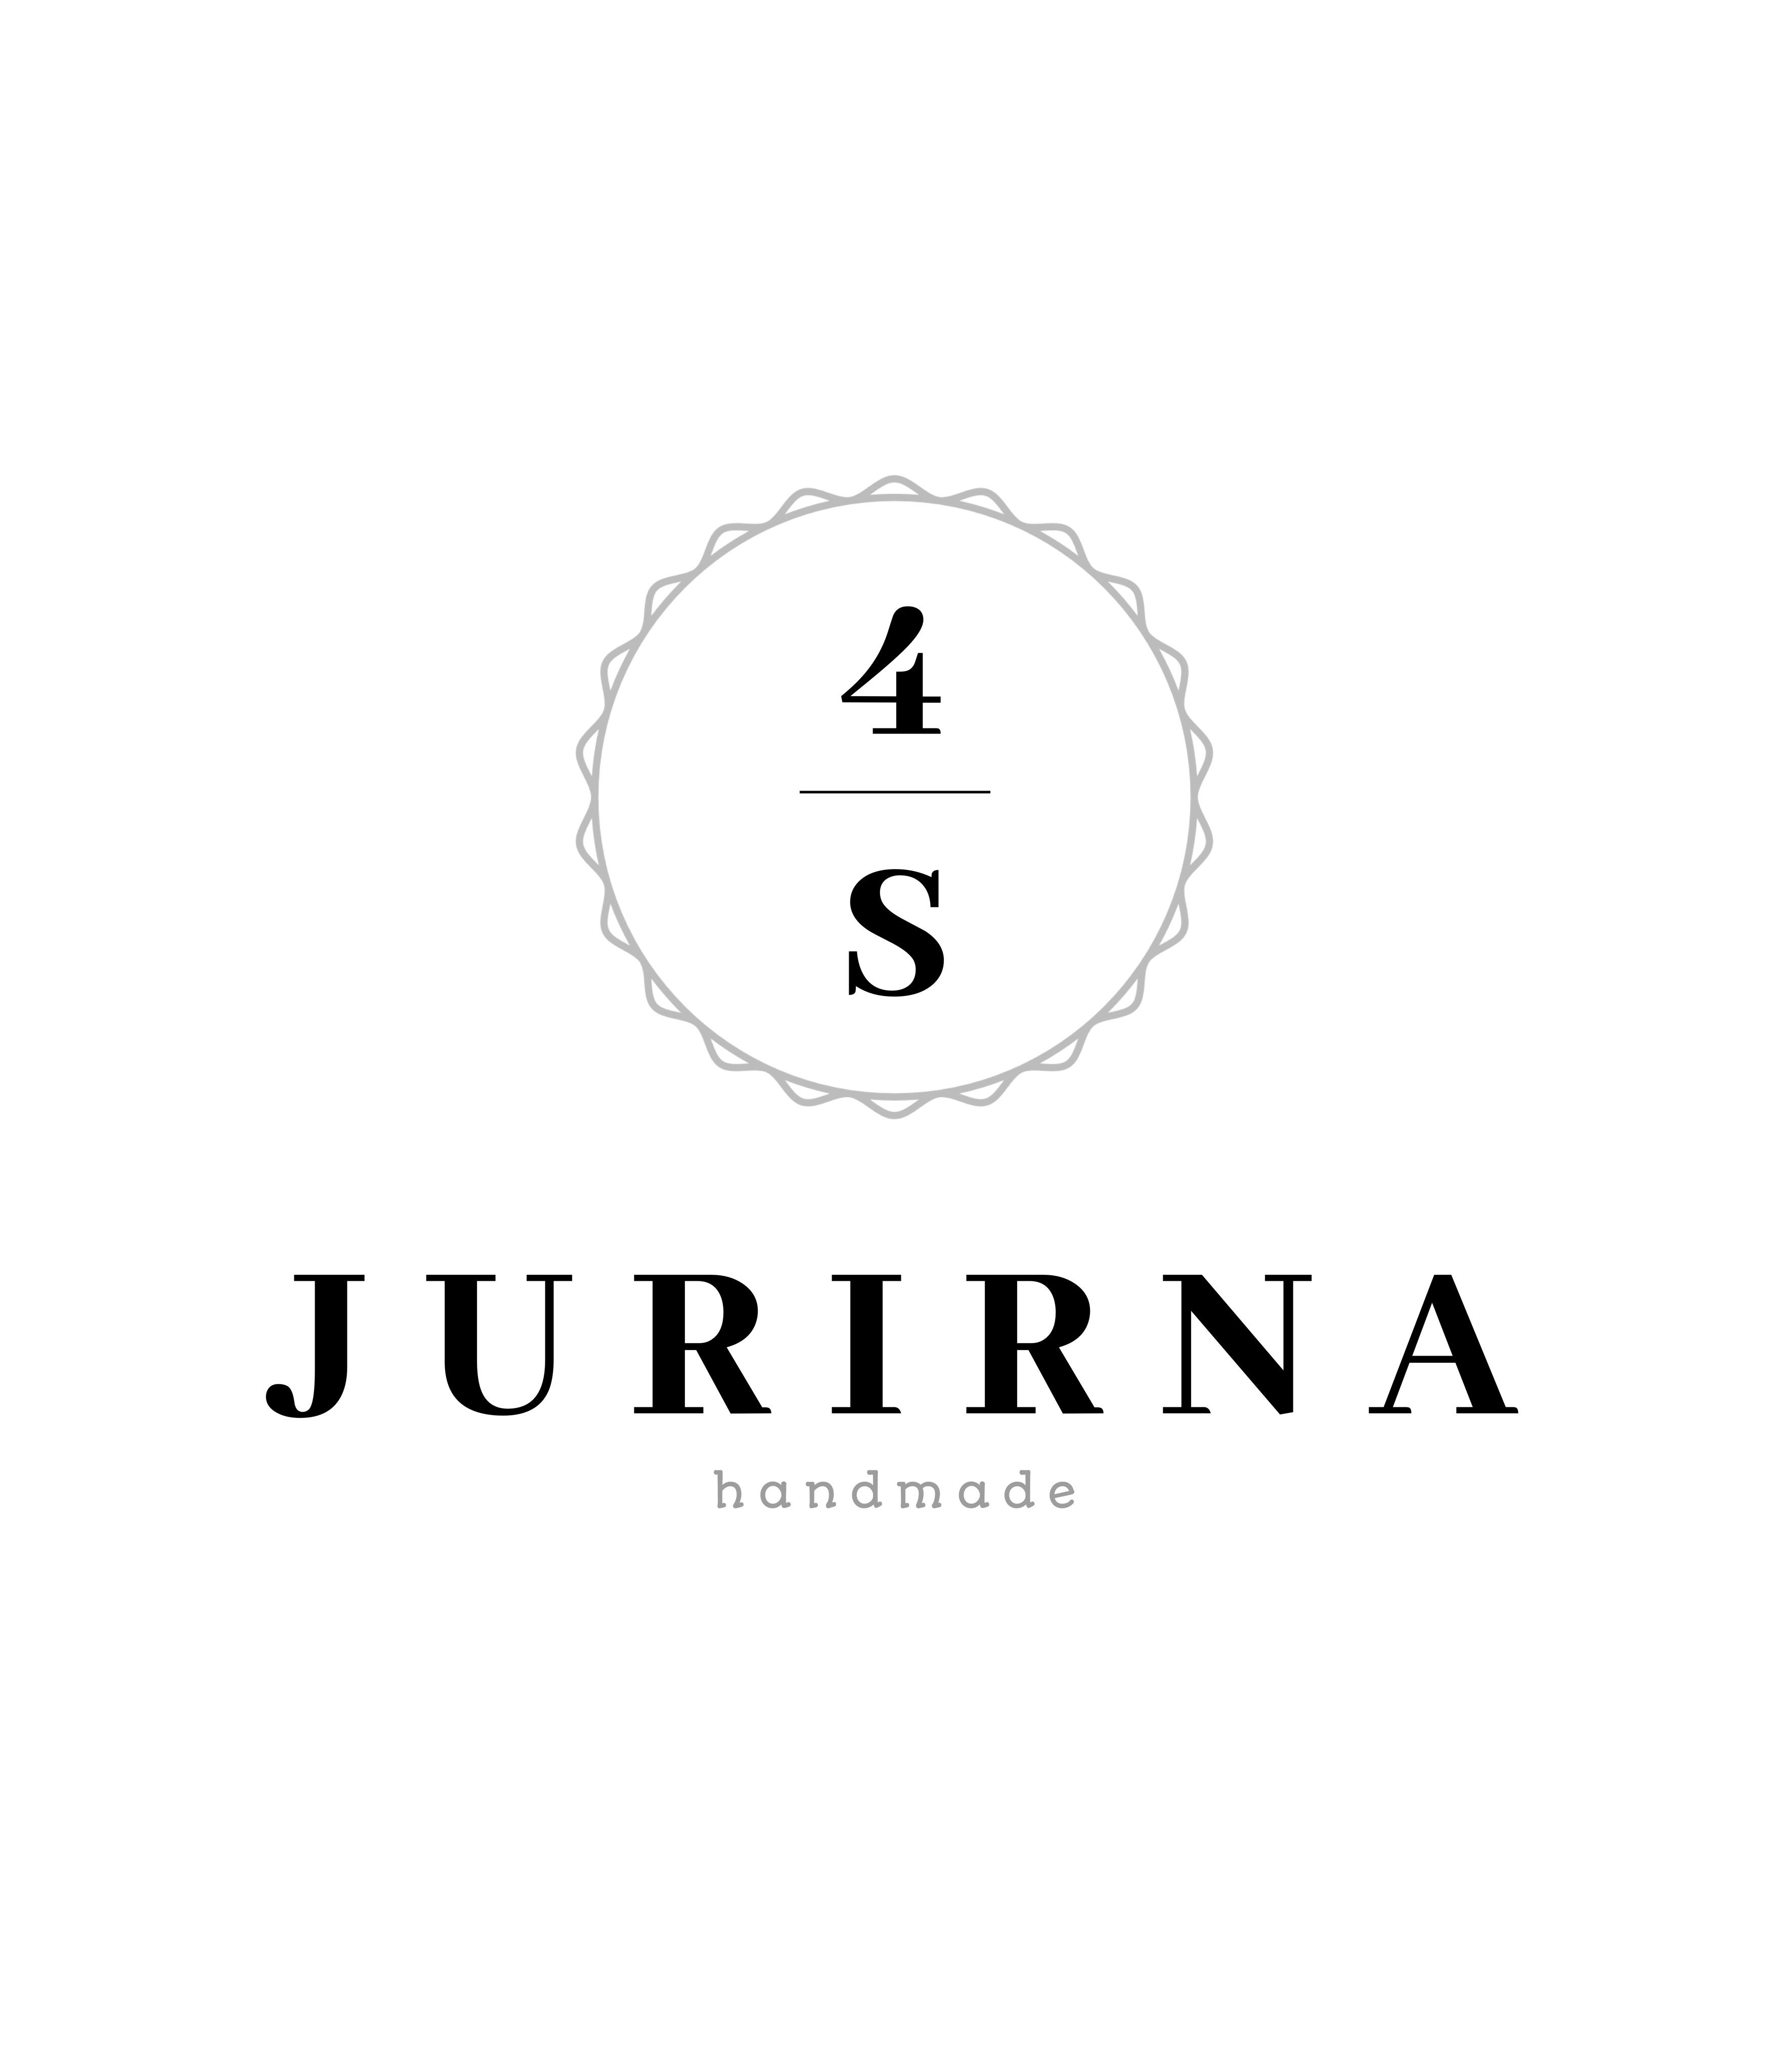 JURIRNA